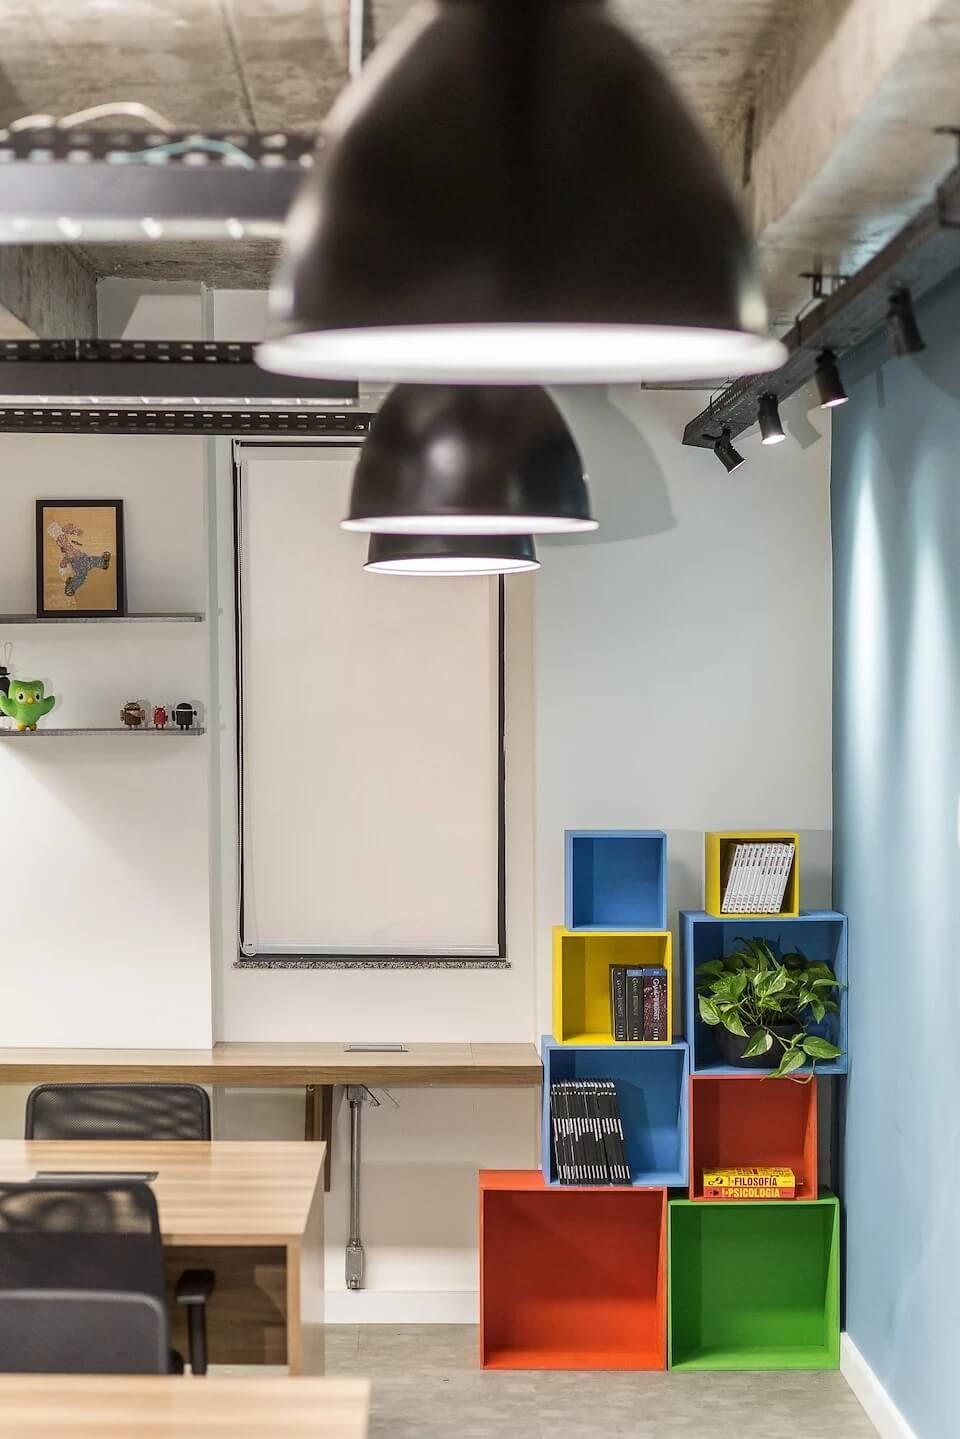 彩色工业风,巴西云计算咨询公司SantoDigital办公室设计